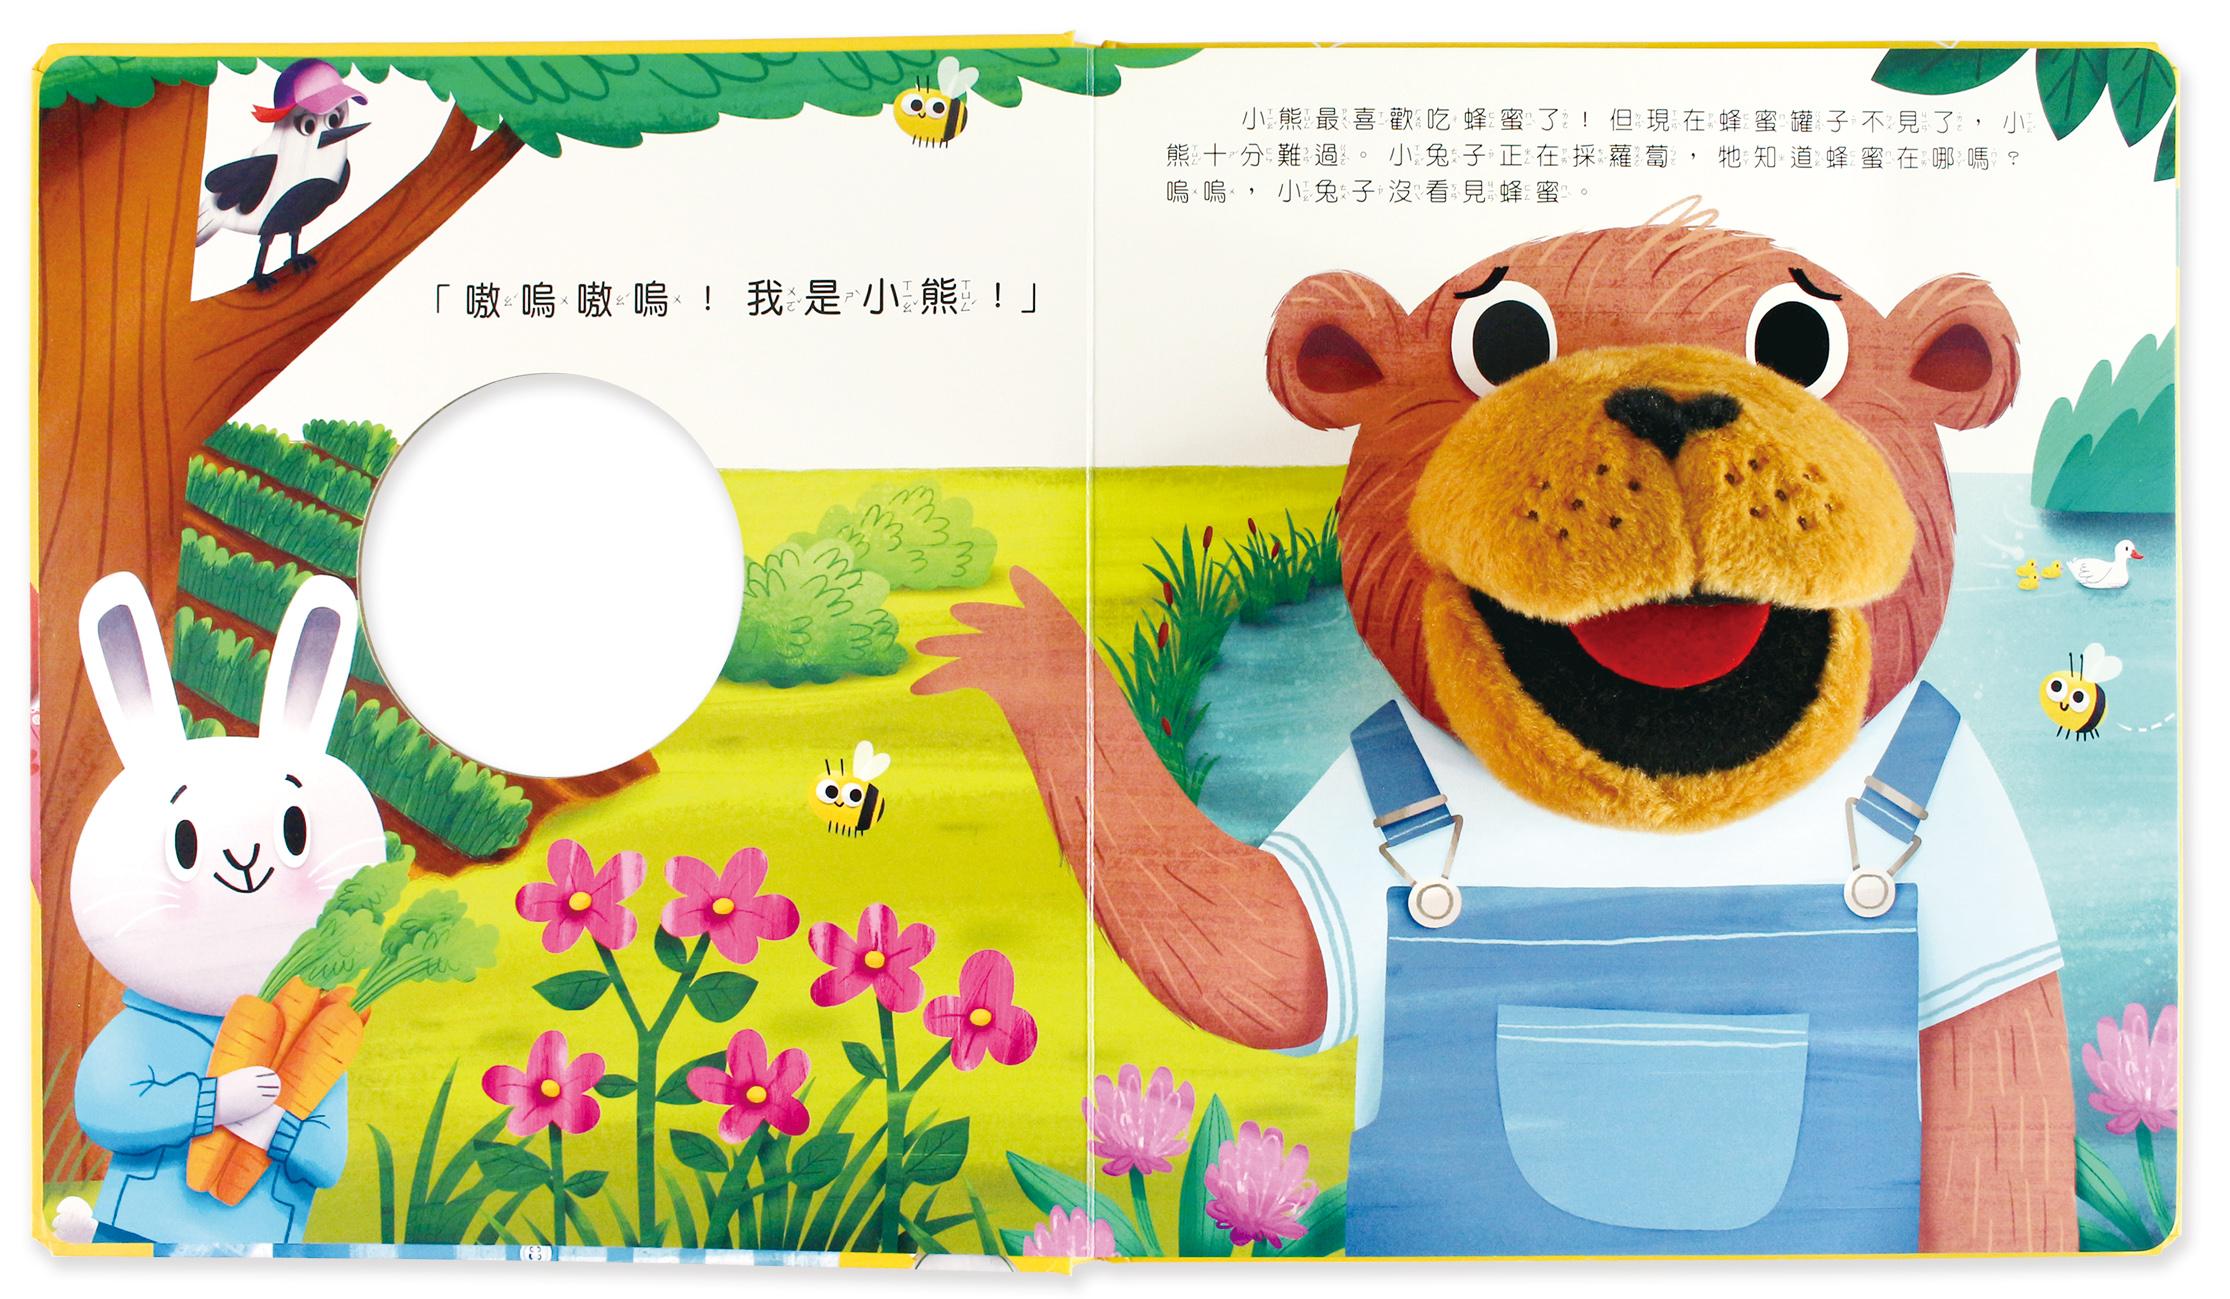 小熊的蜂蜜在哪裡?-晚安故事互動手偶繪本